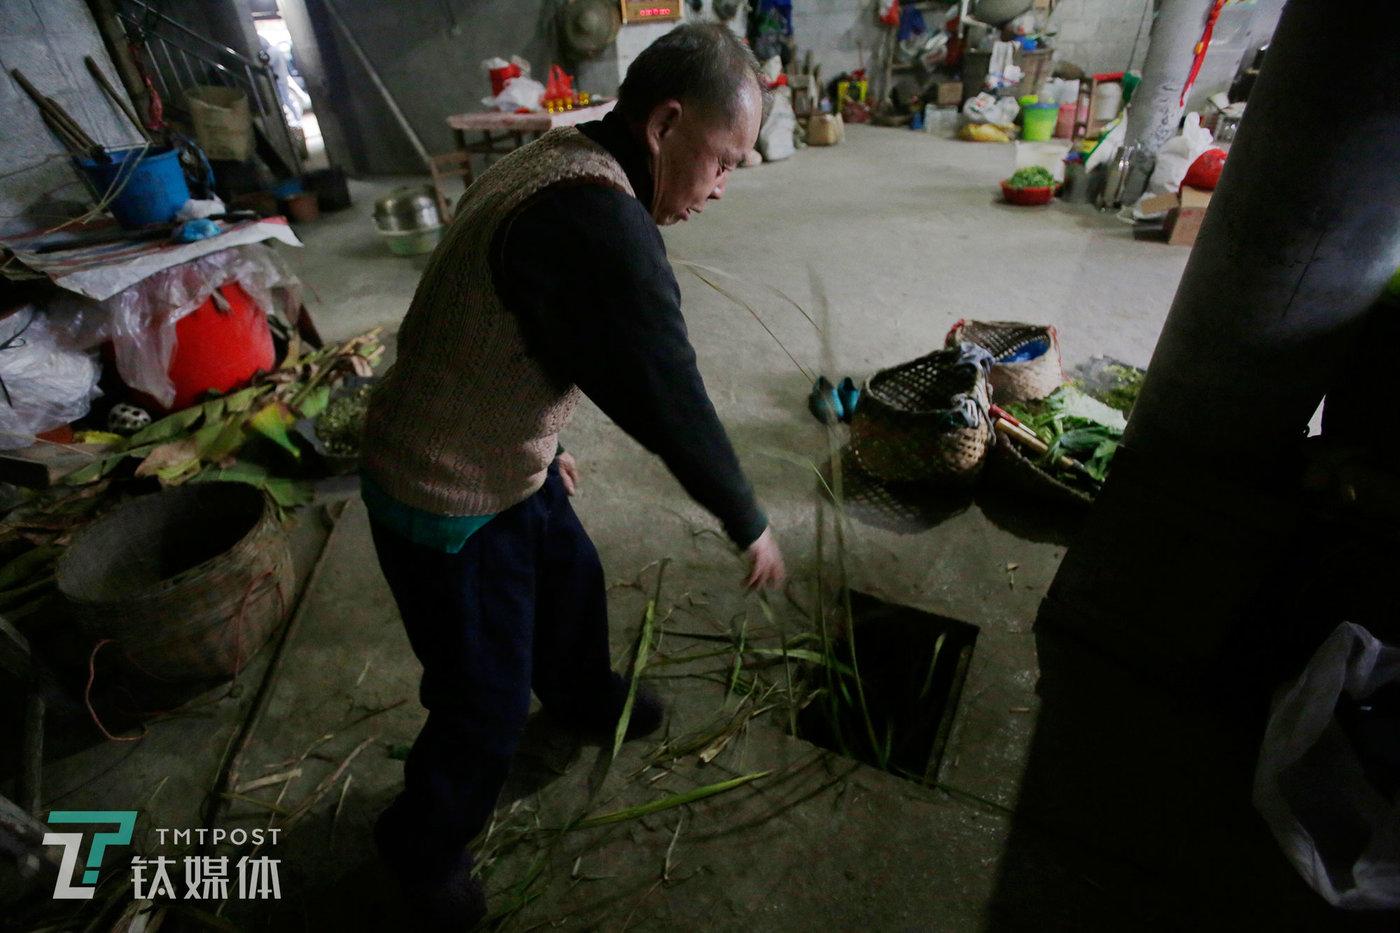 1月27日早上,苏宏杰的父亲一早就起床喂牛。